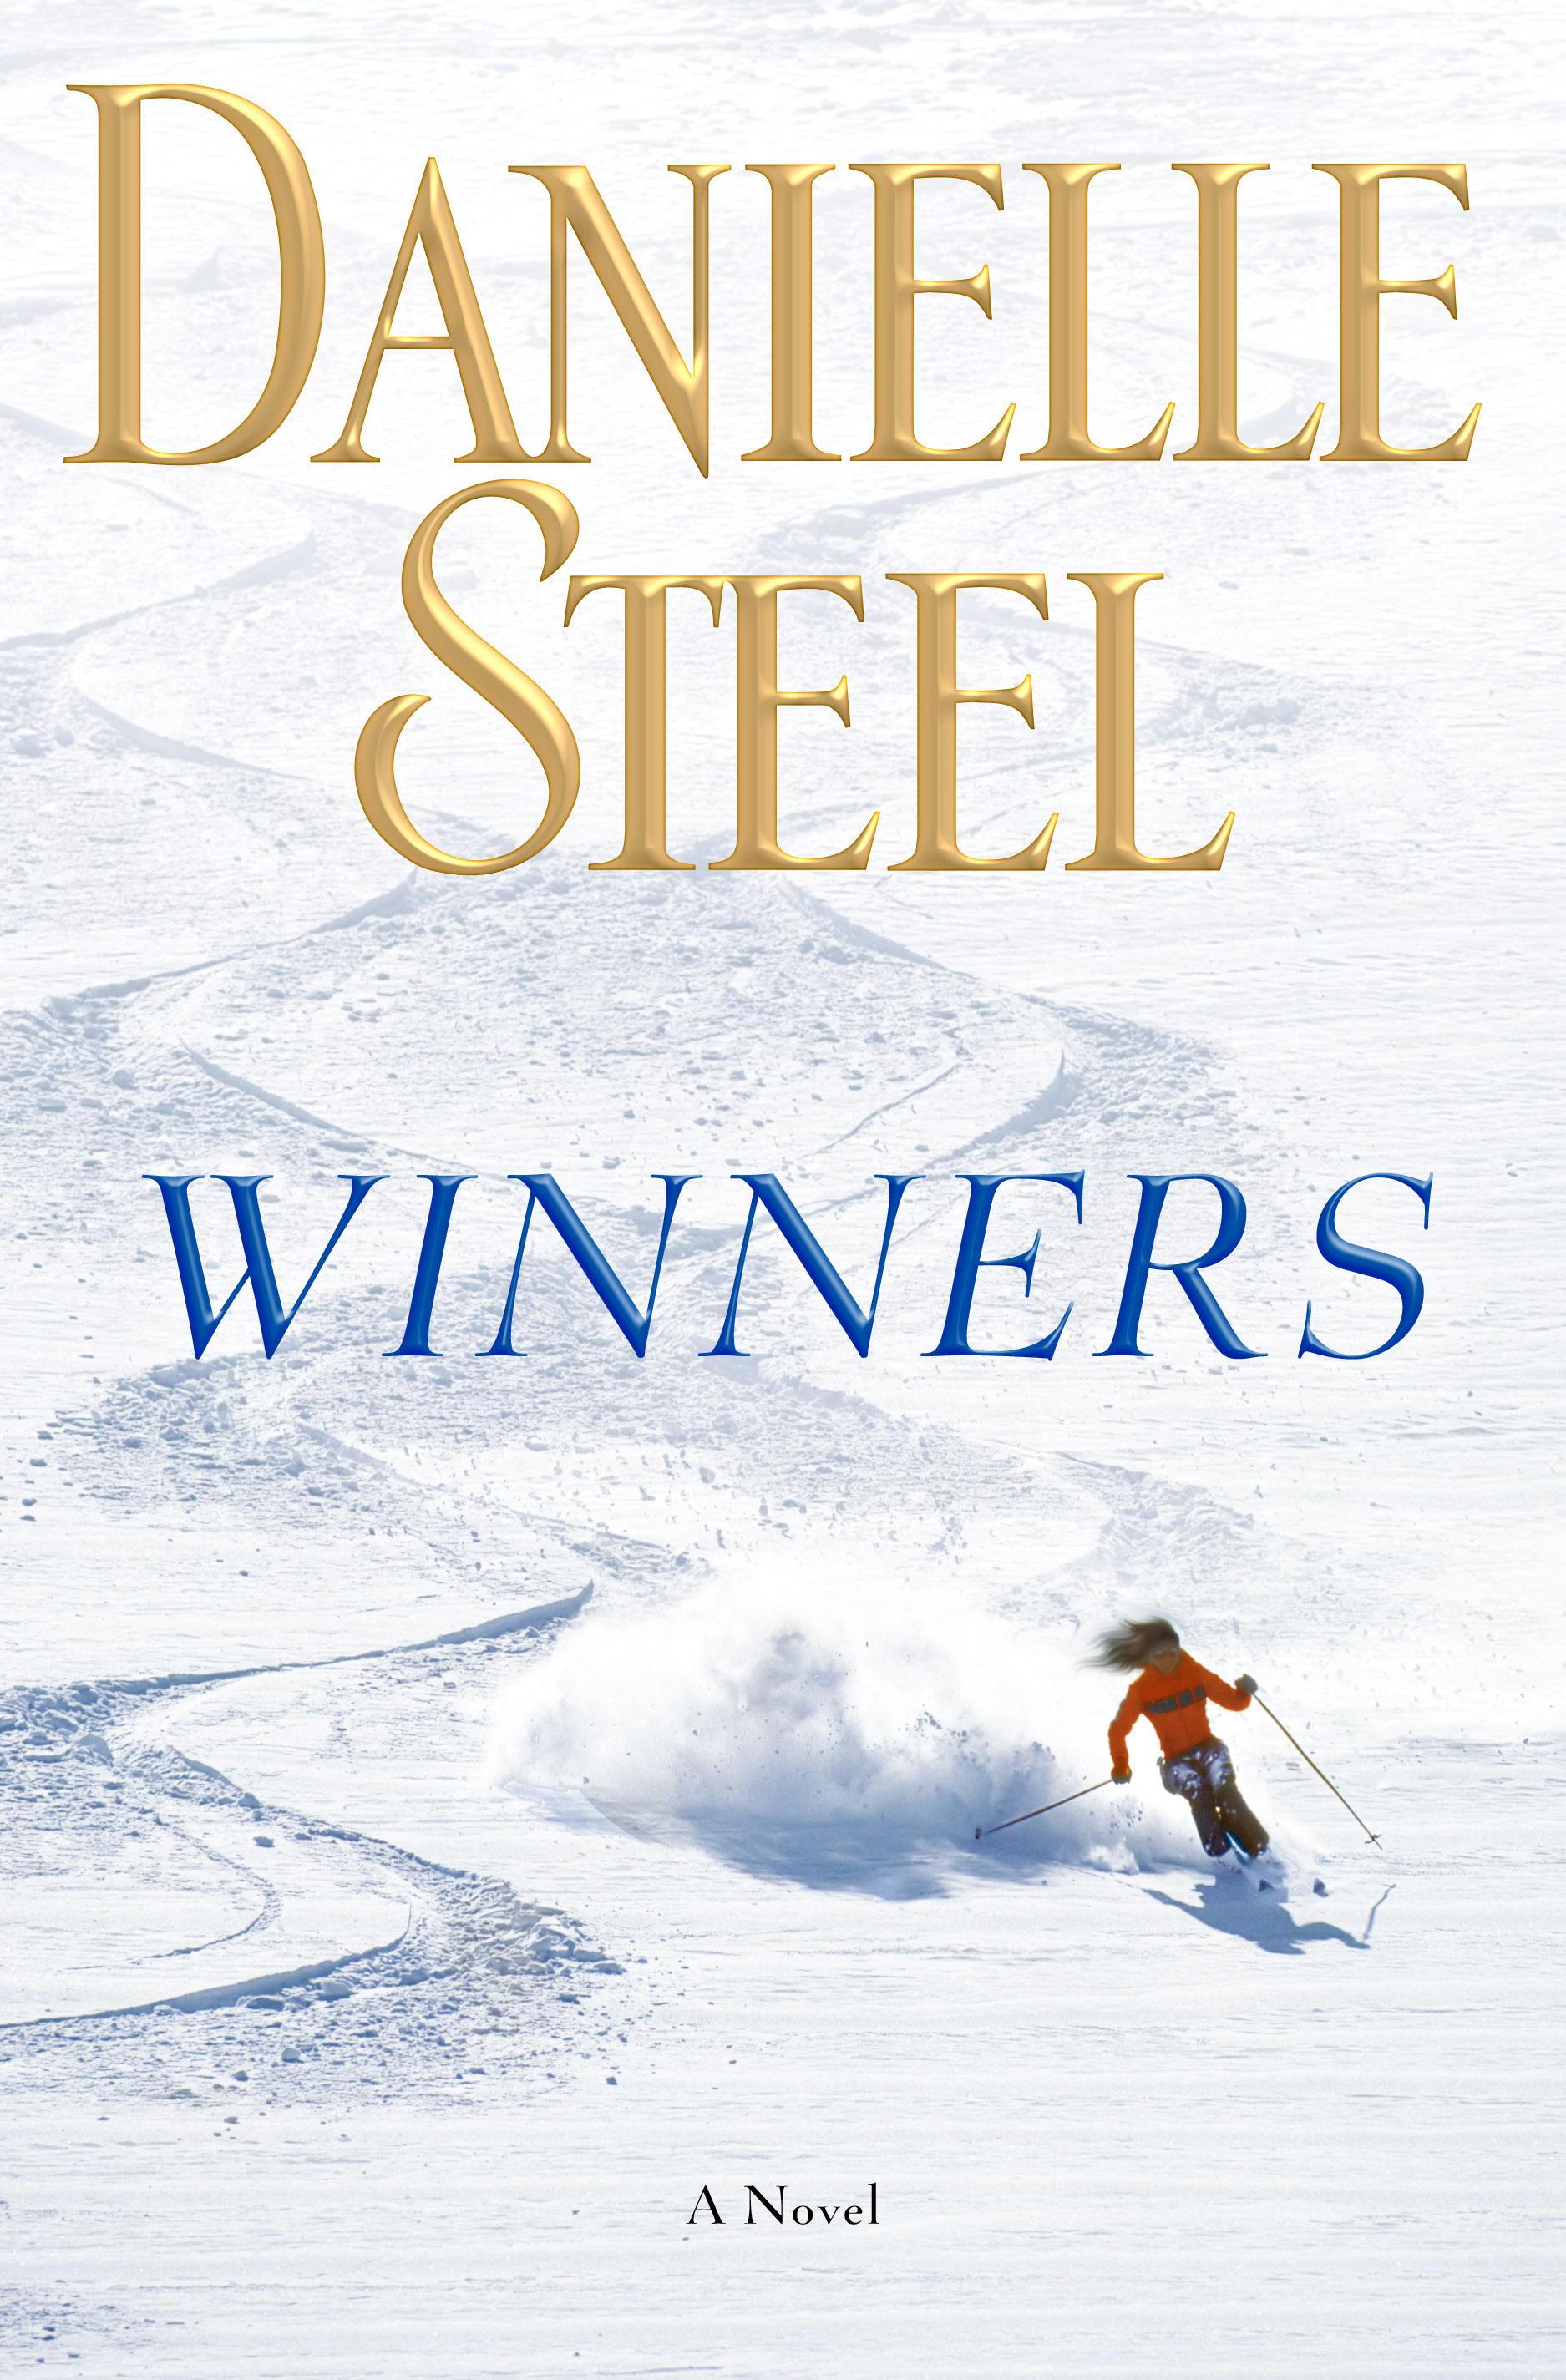 Danielle Steel Boeken? - Danielle Steel - bol.com